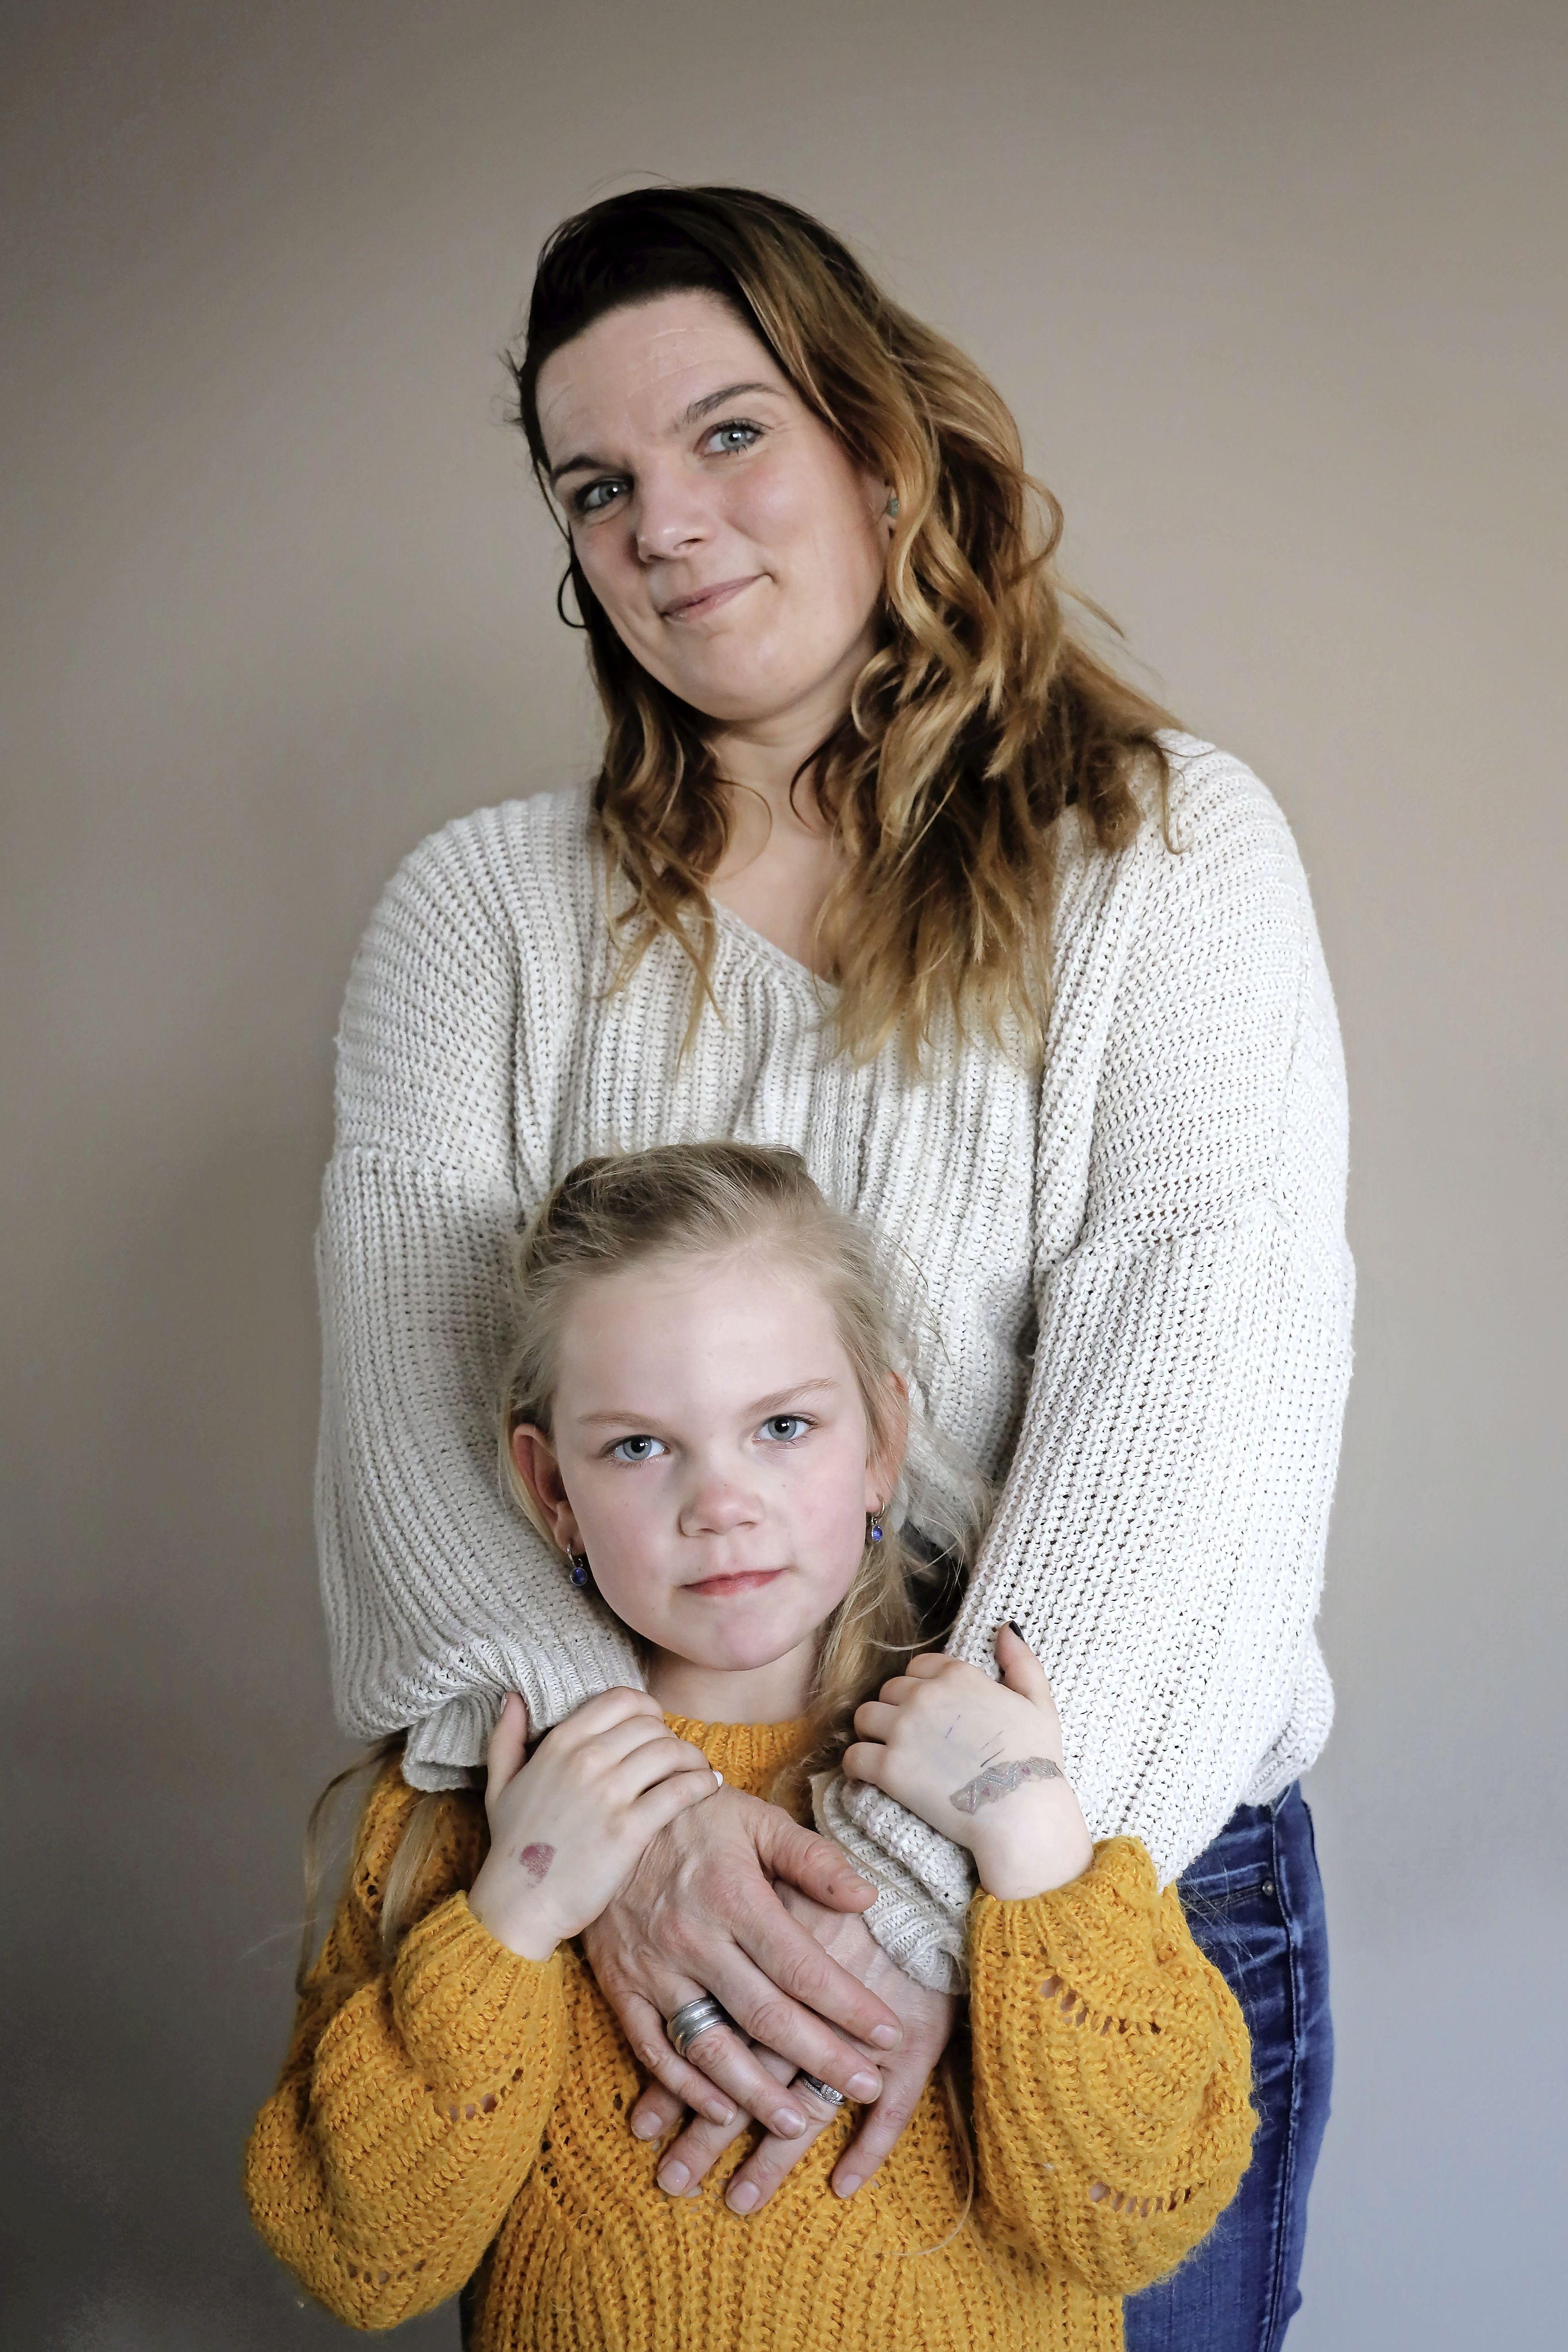 Zoektocht naar epilepsiemedicijn voor 7-jarige Lize levert 600 tabletten op. 'Mooi dat mensen begaan zijn'